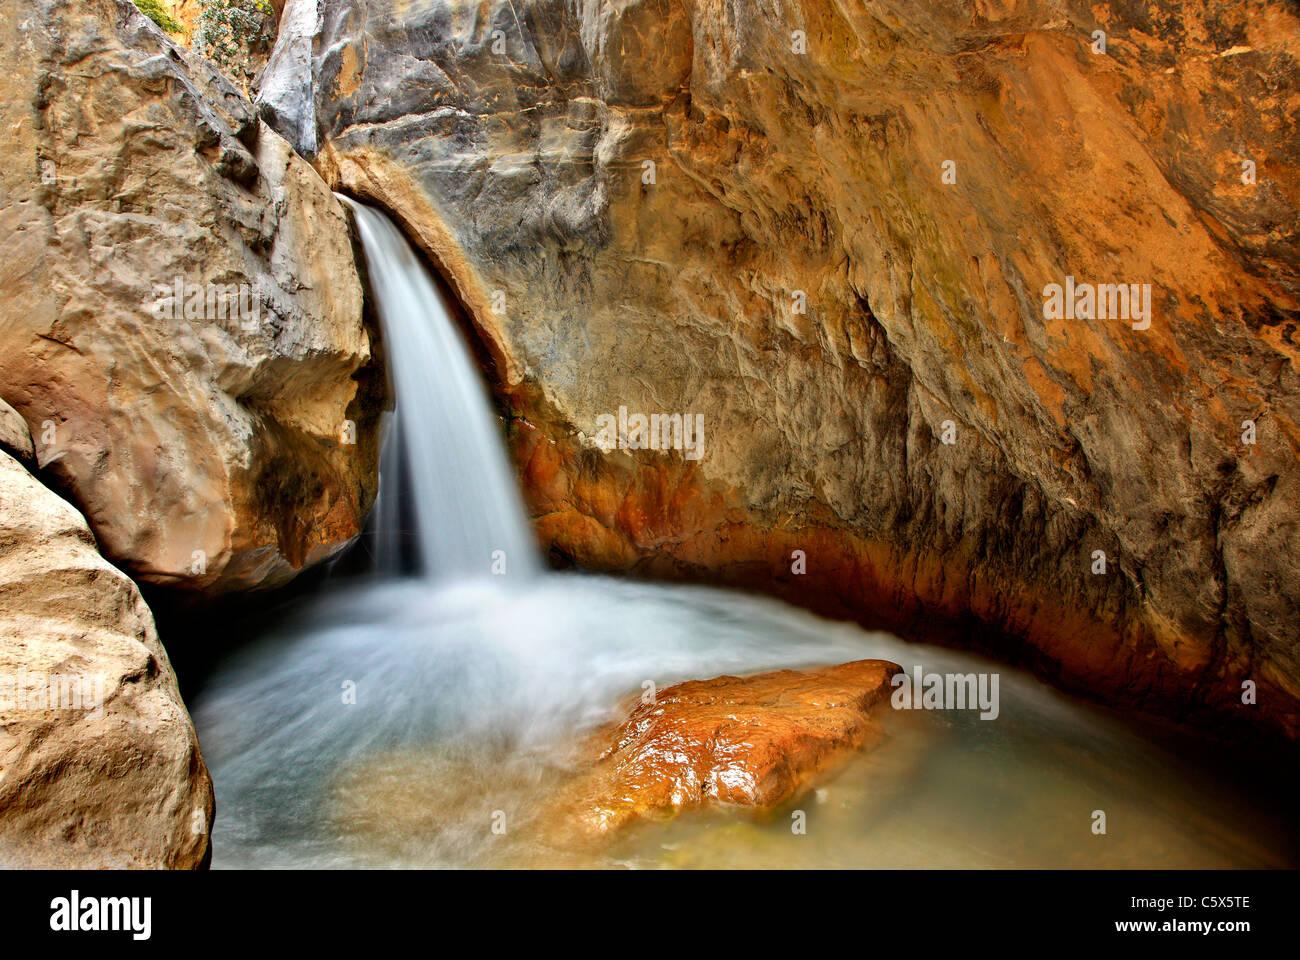 Una de las cascadas en Sarakina Gorge cerca Mythoi village, a unos 20 km al oeste de Ierapetra, de Lasithi, en Creta, Imagen De Stock